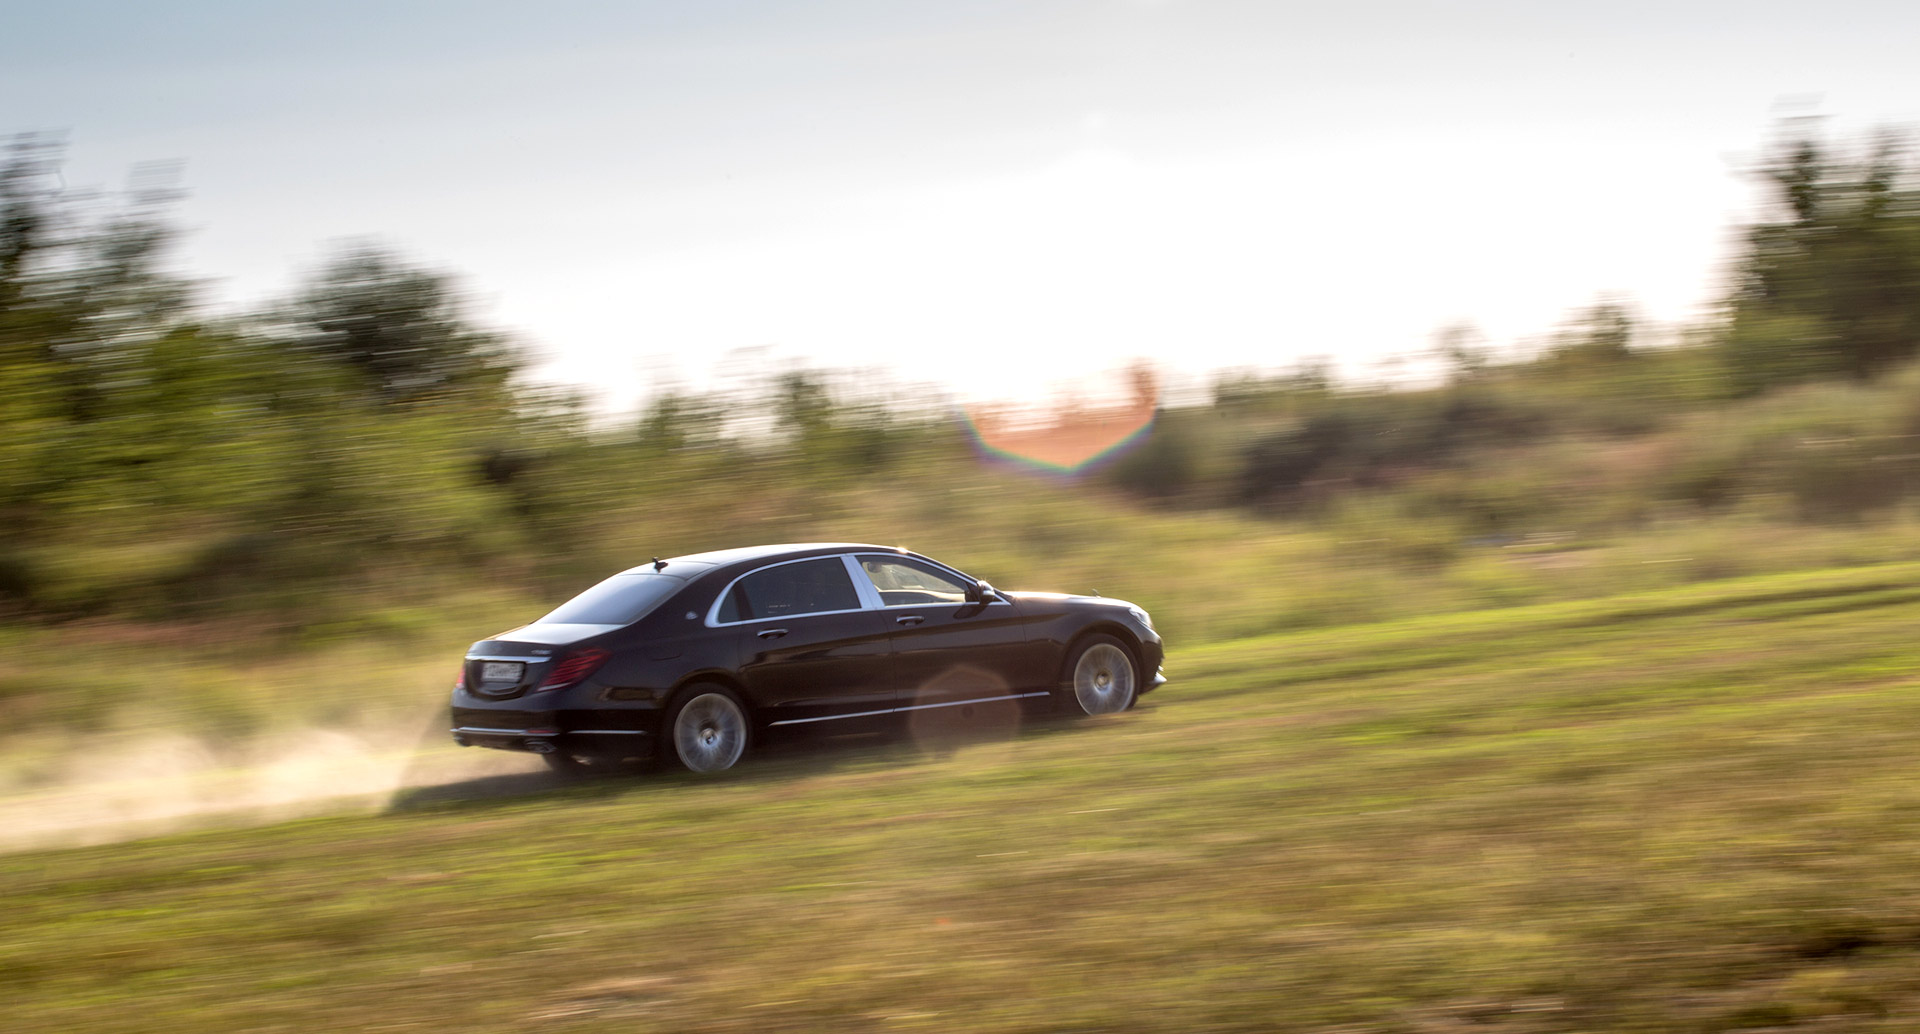 Три дня в роли наемного водителя Mercedes-Maybach. Фото 9